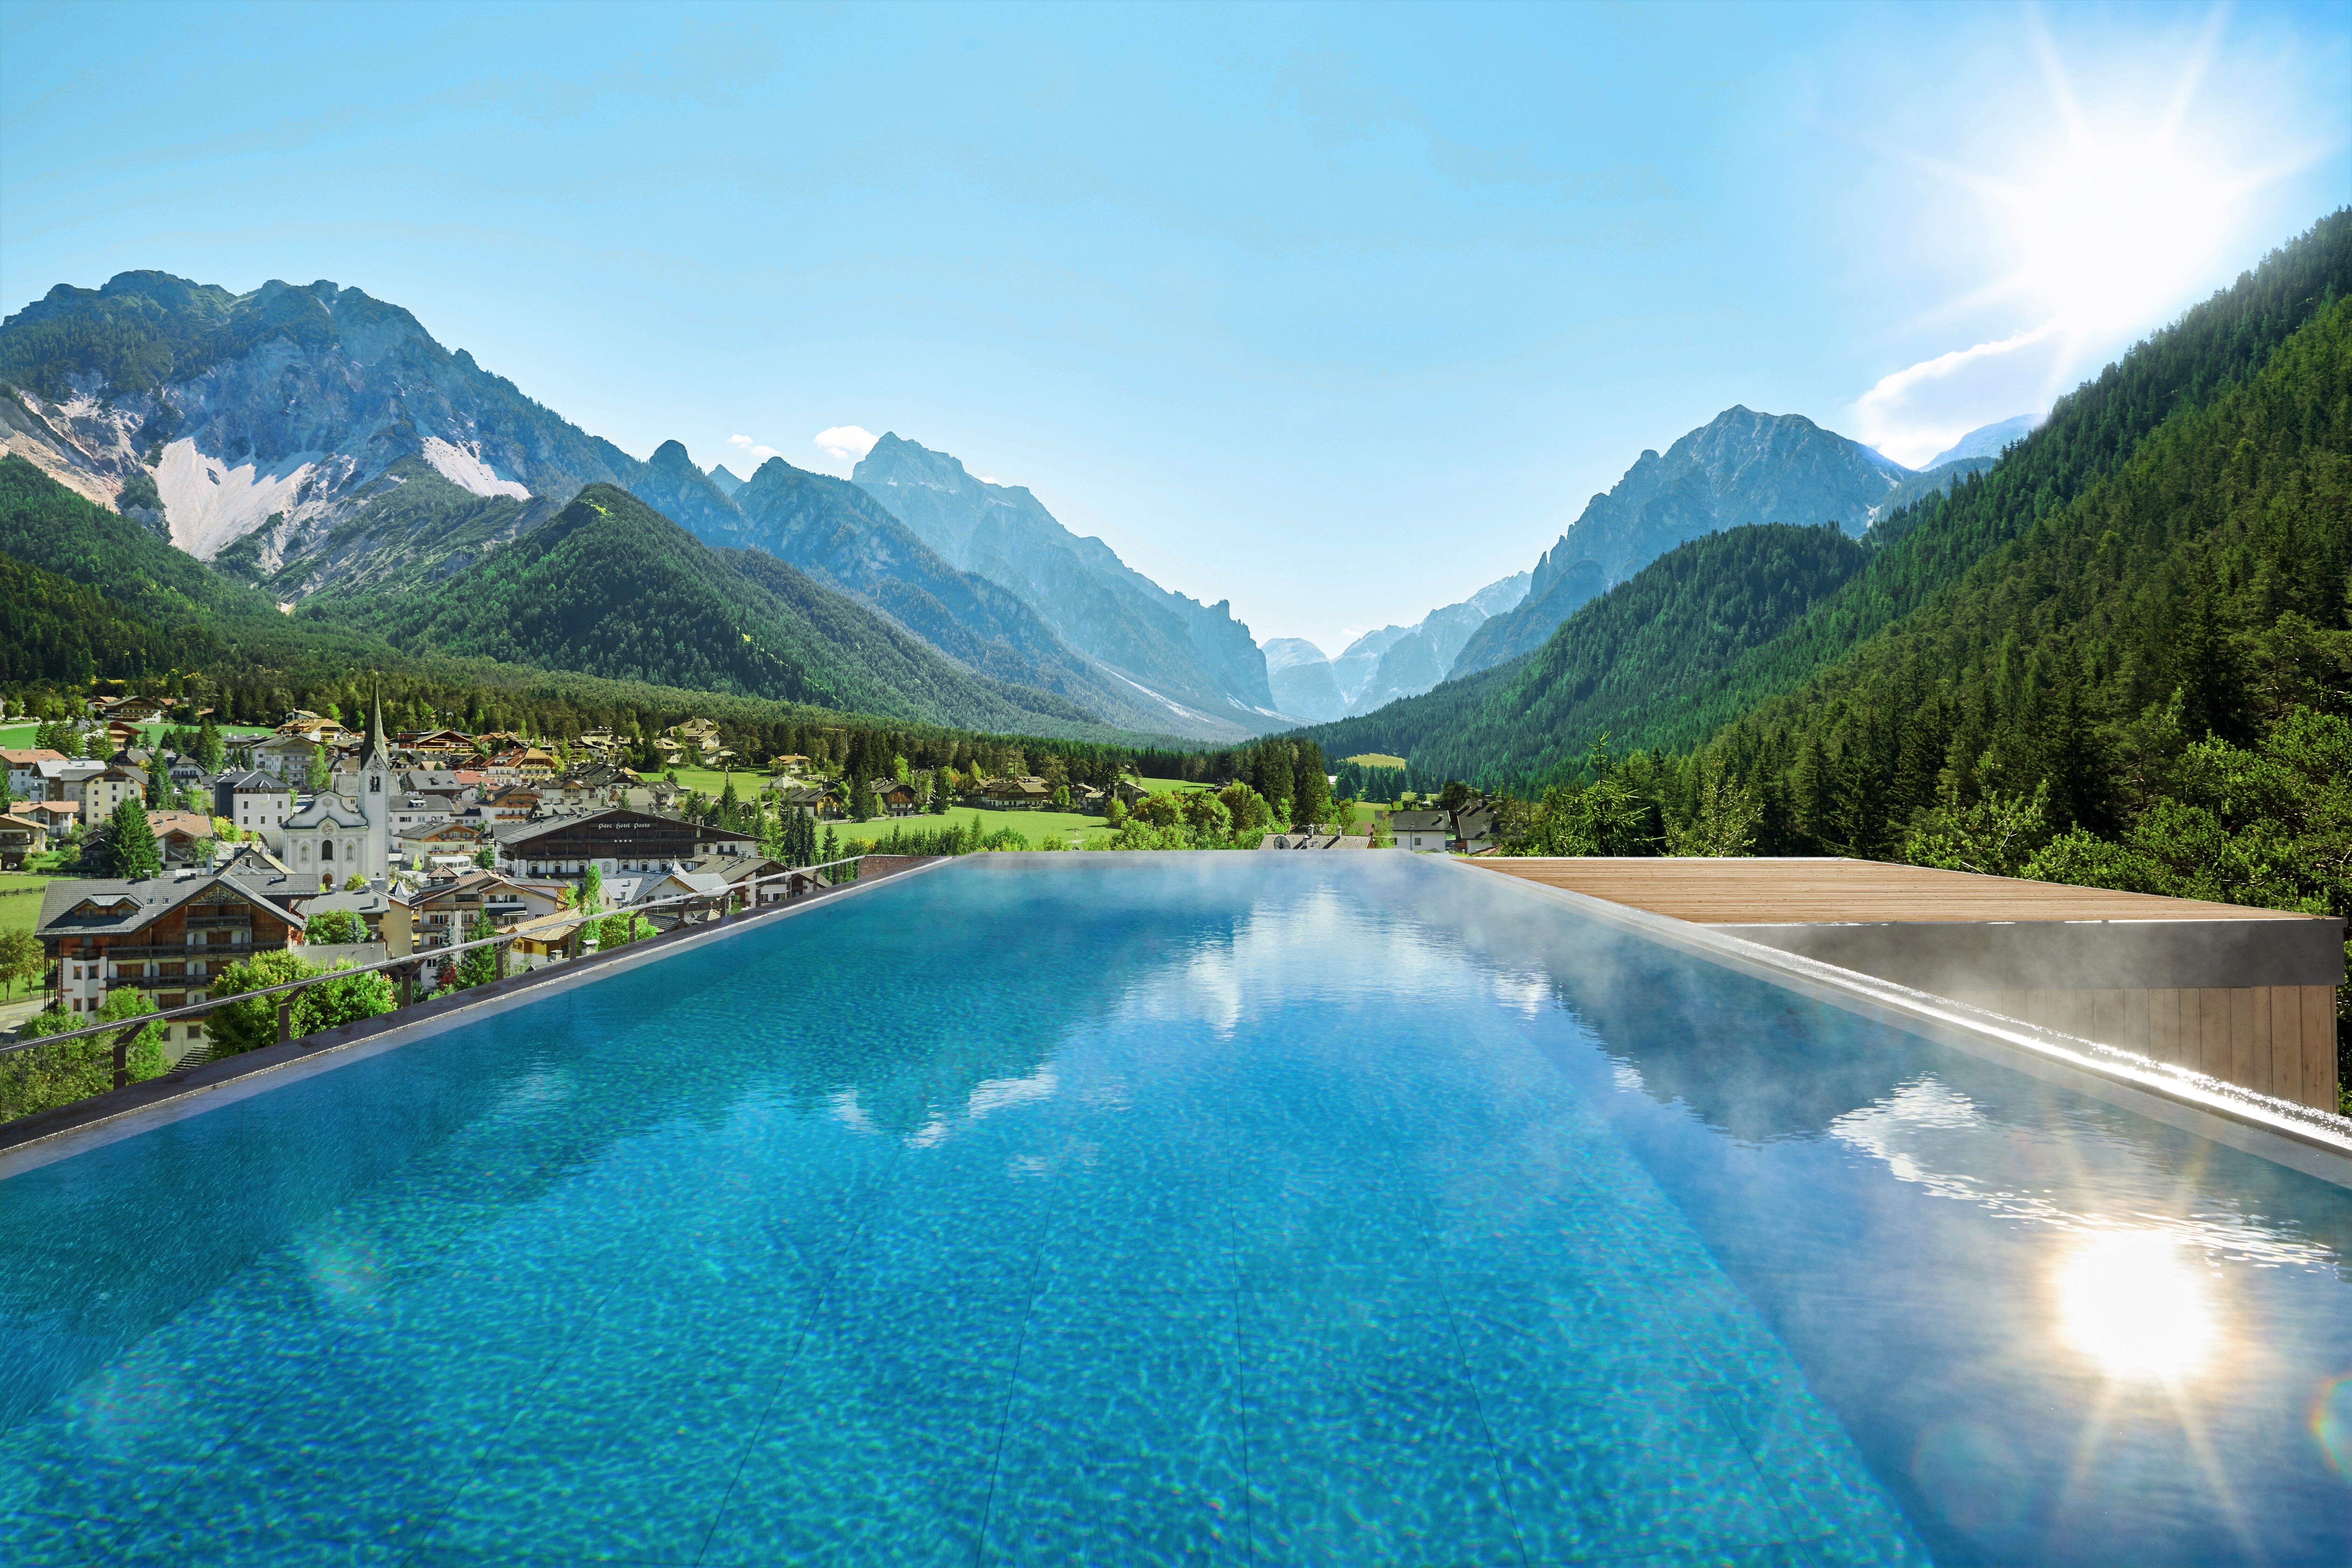 Paesaggi D Acqua Piscine le più belle piscine all'aperto del trentino e dell'alto